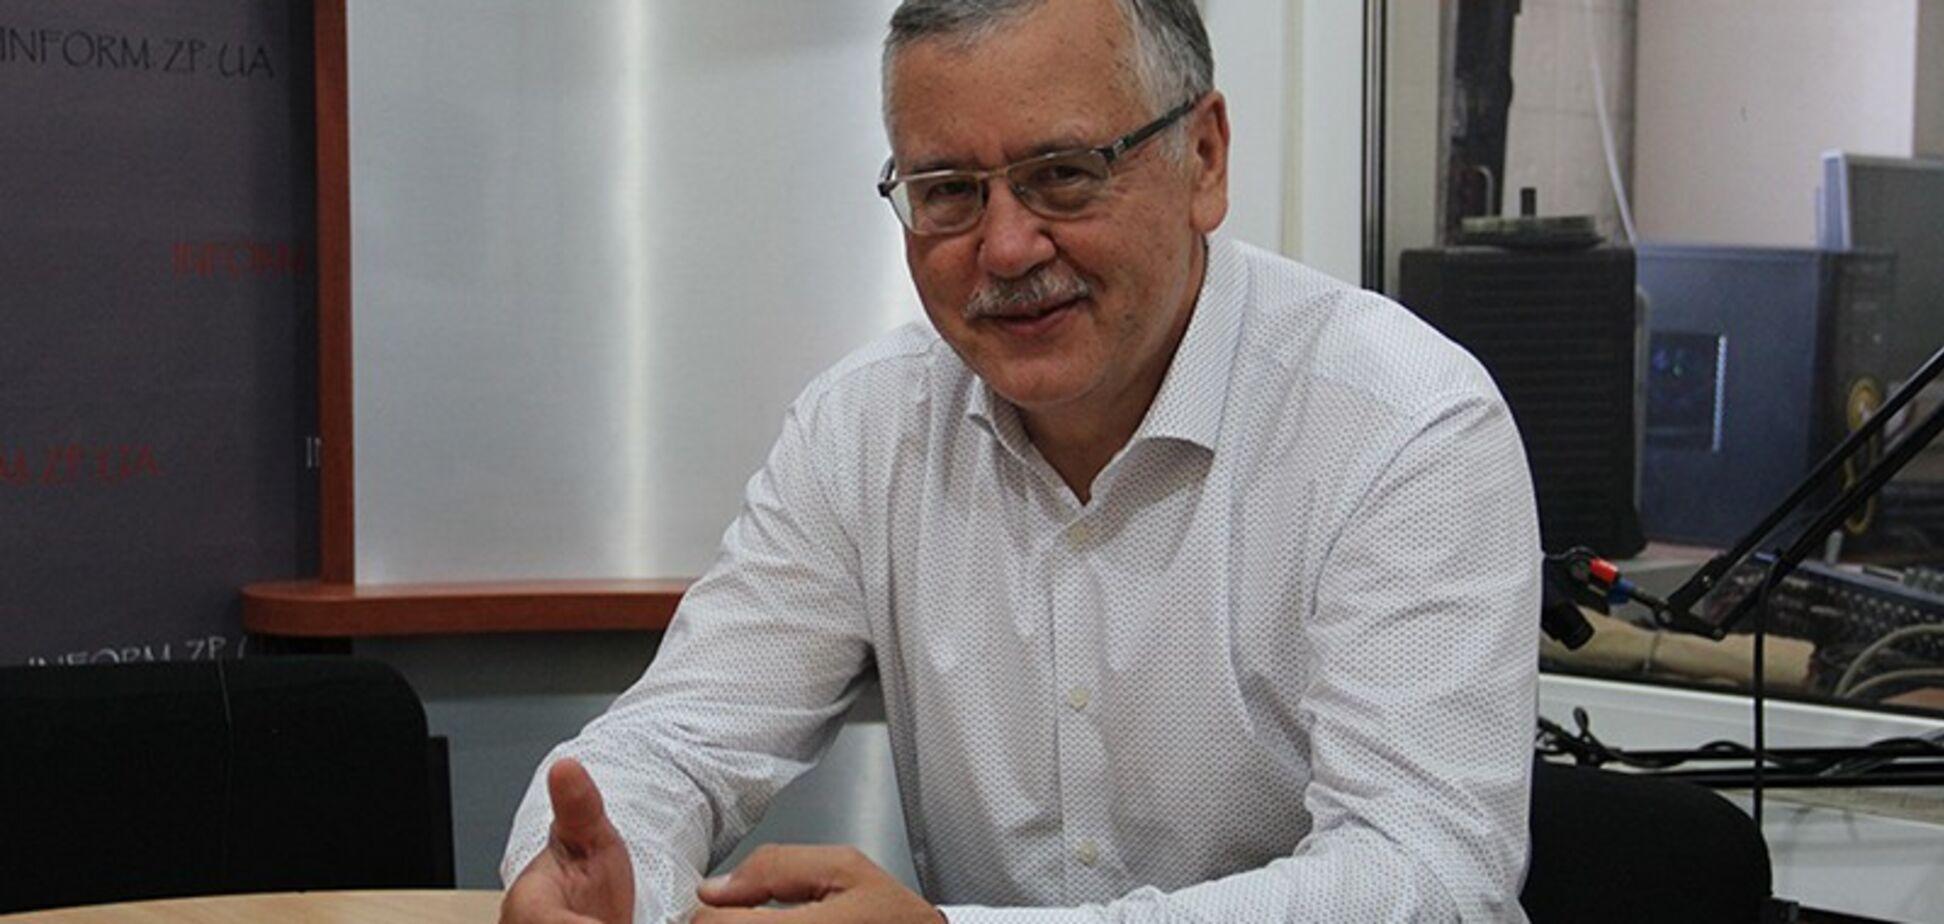 'Не менее 1 тыс. долларов': Гриценко назвал необходимые выплаты для воинов